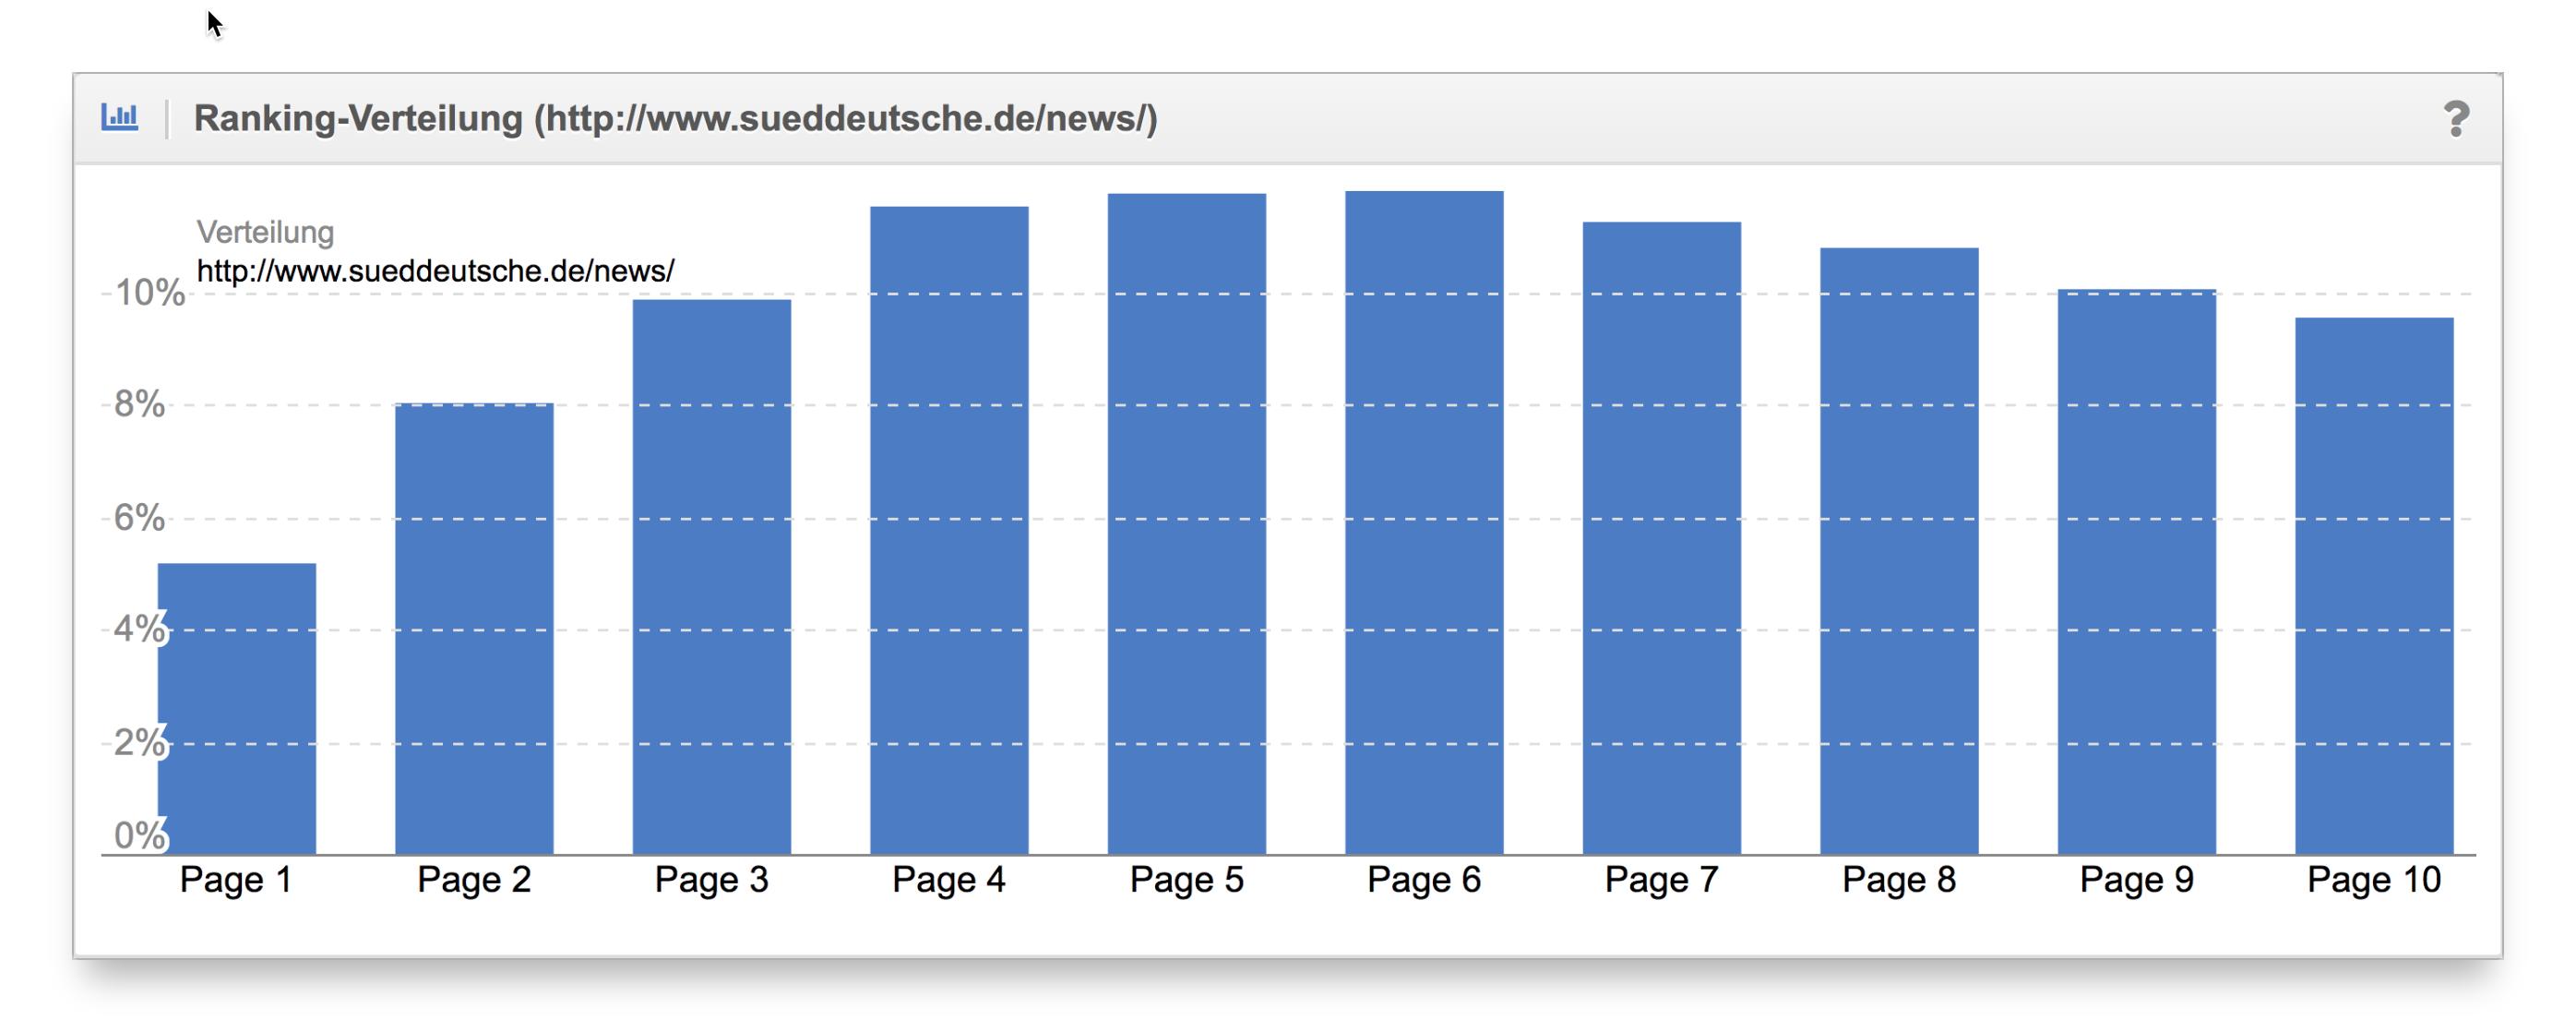 Vergleich Ranking-Verteilung Content-Formate sueddeutsche.de